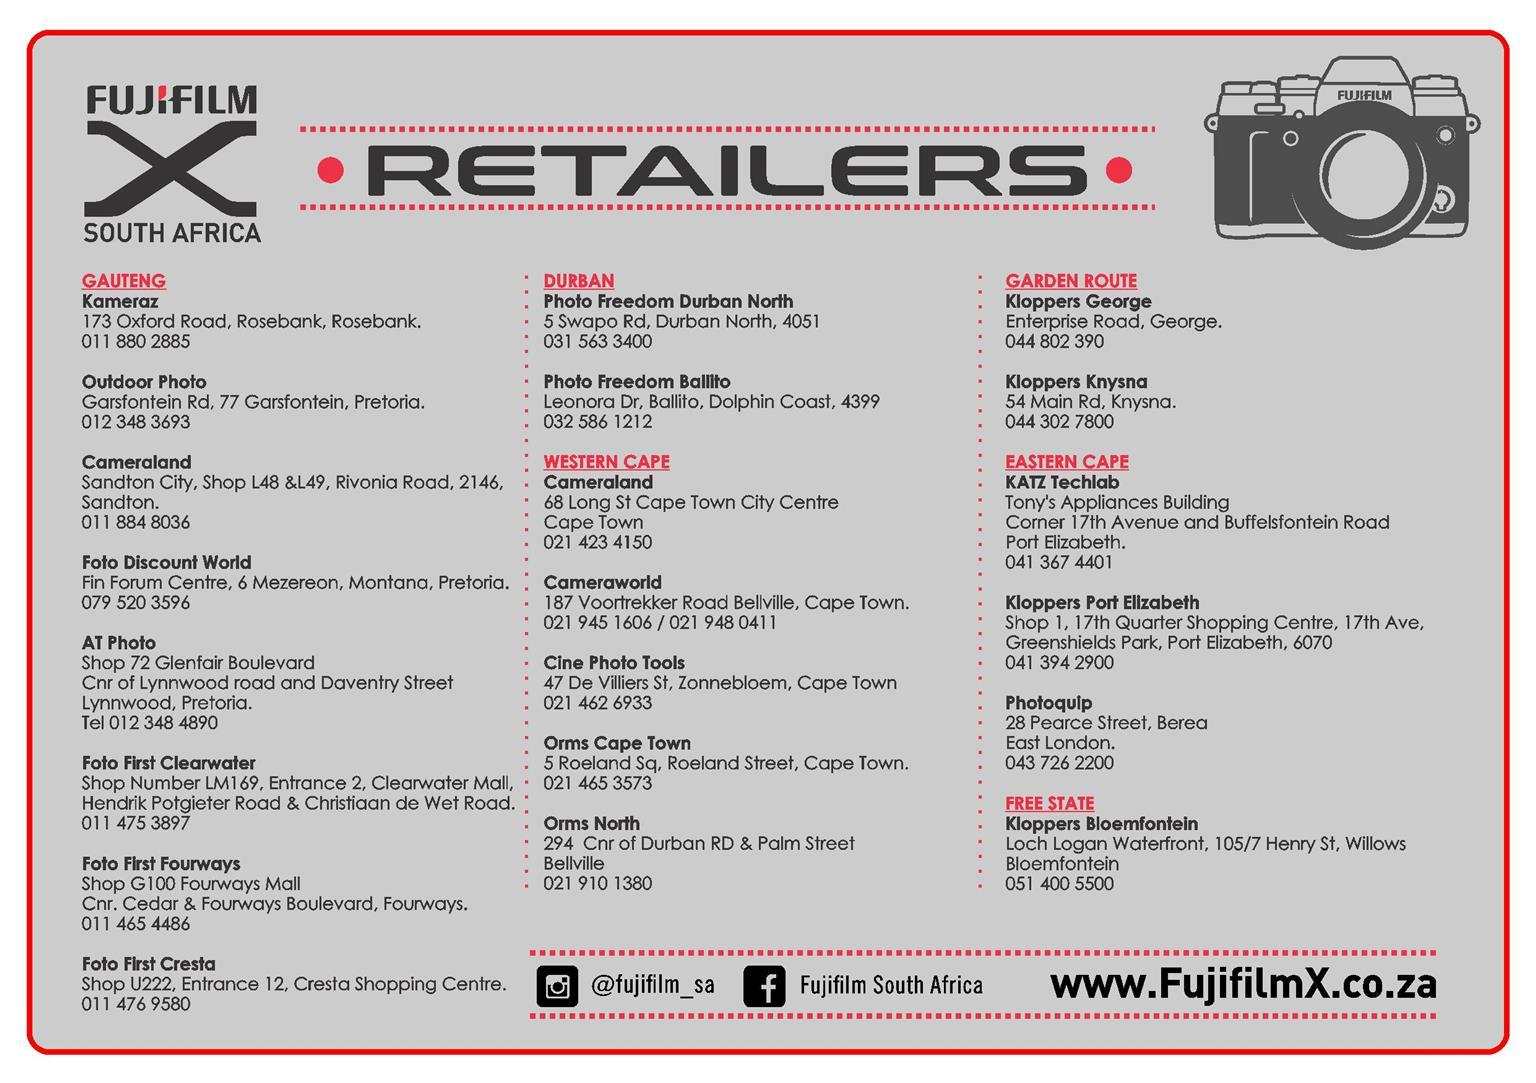 Fujifilm camera & lenses promotion